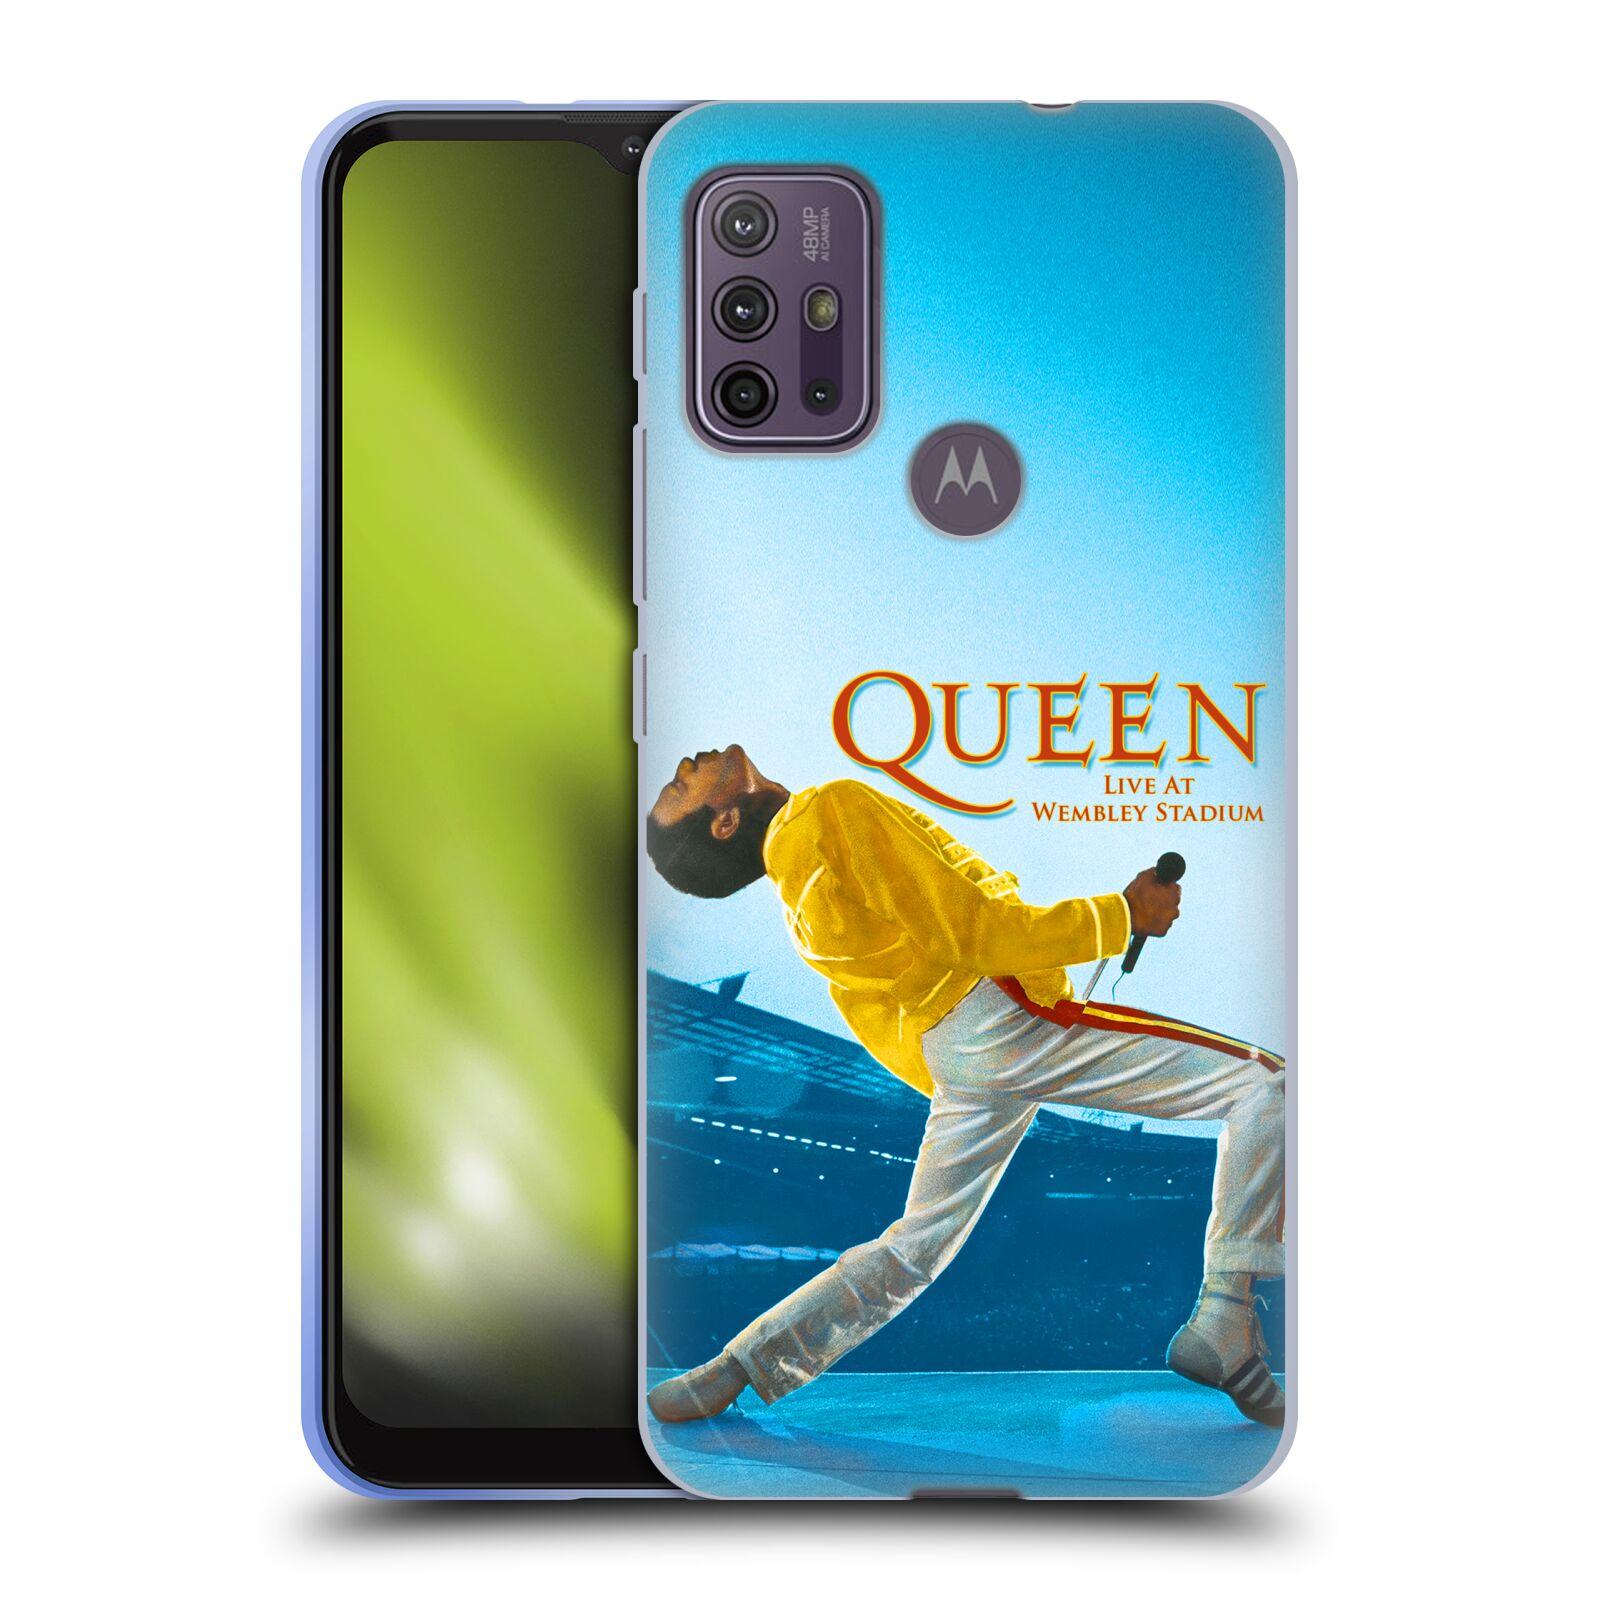 Silikonové pouzdro na mobil Motorola Moto G10 / G30 - Head Case - Queen - Freddie Mercury